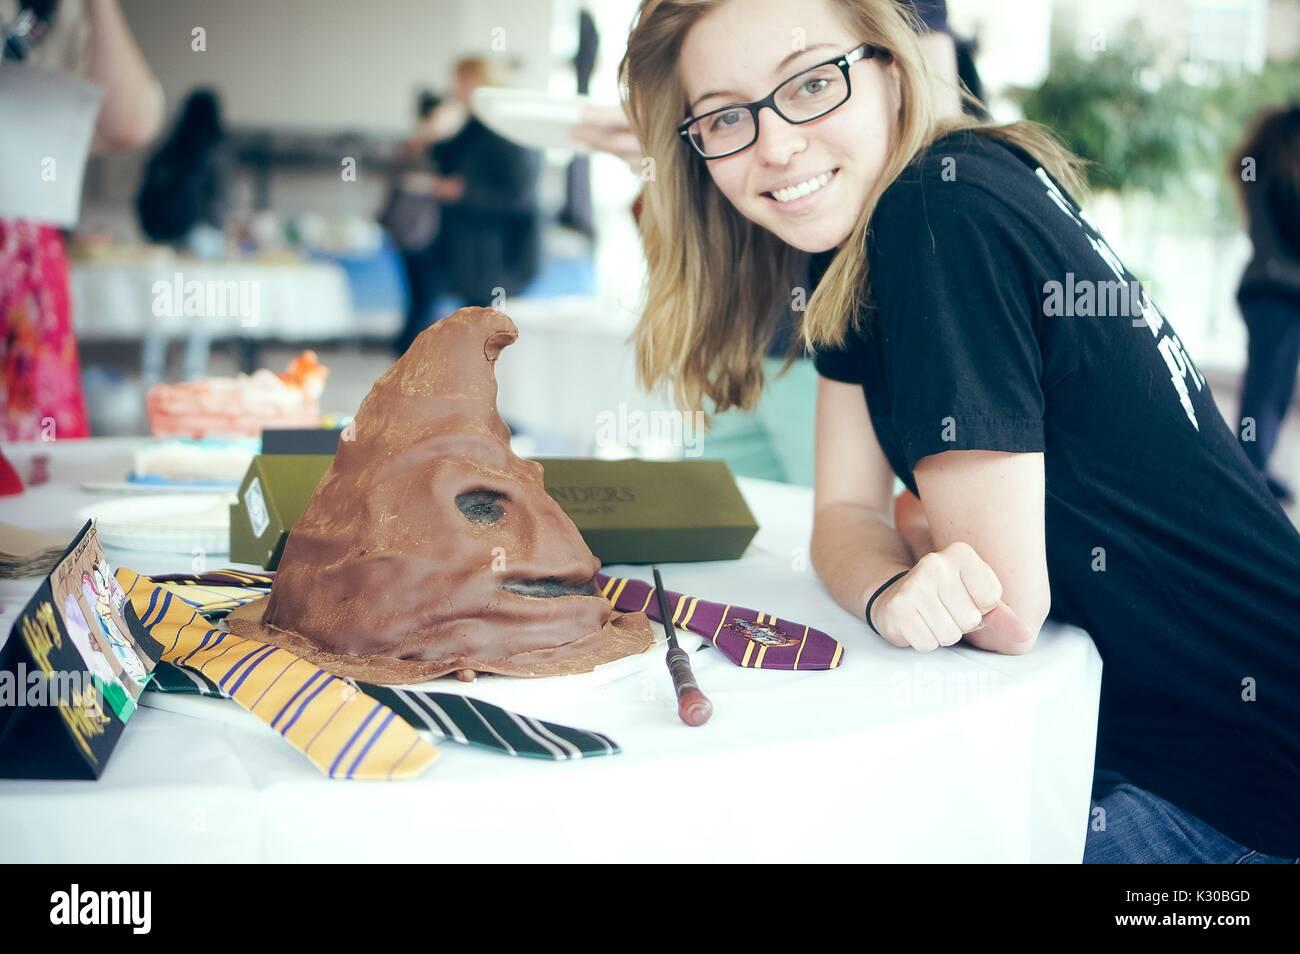 Un étudiant De Premier Cycle Se Distingue Avec Son Gâteau De Harry Potter Au Cours De L